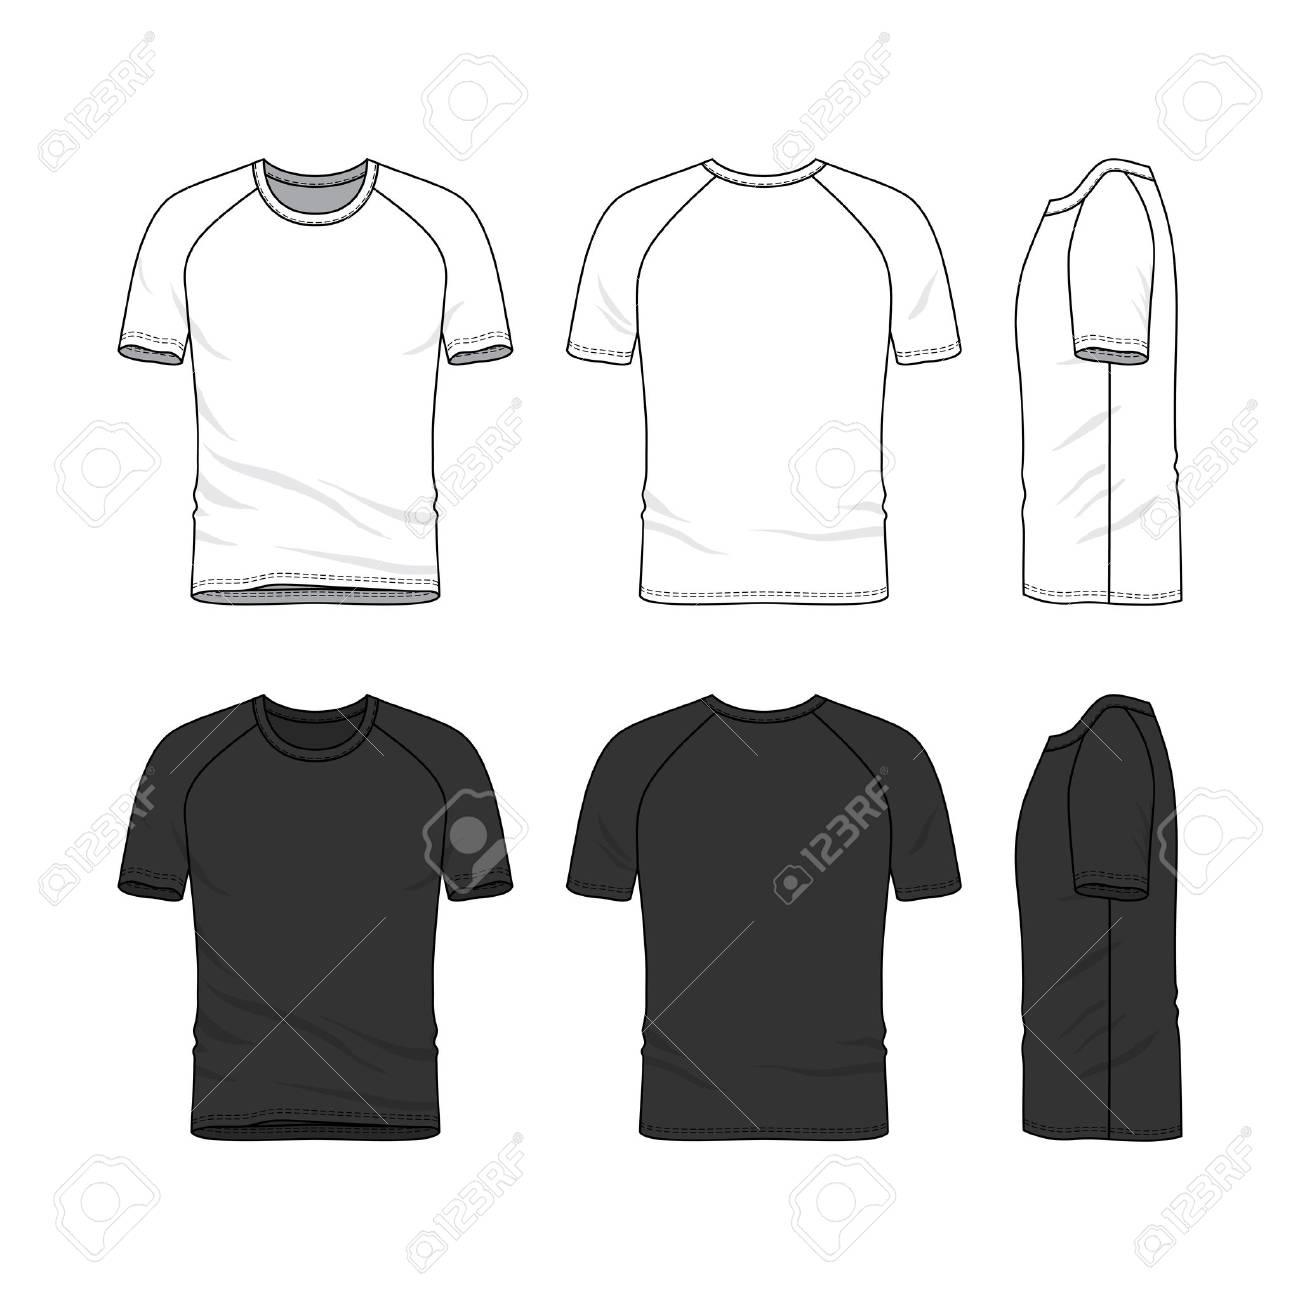 Fantastisch Leere Shirt Vorlagen Ideen - Beispiel Wiederaufnahme ...